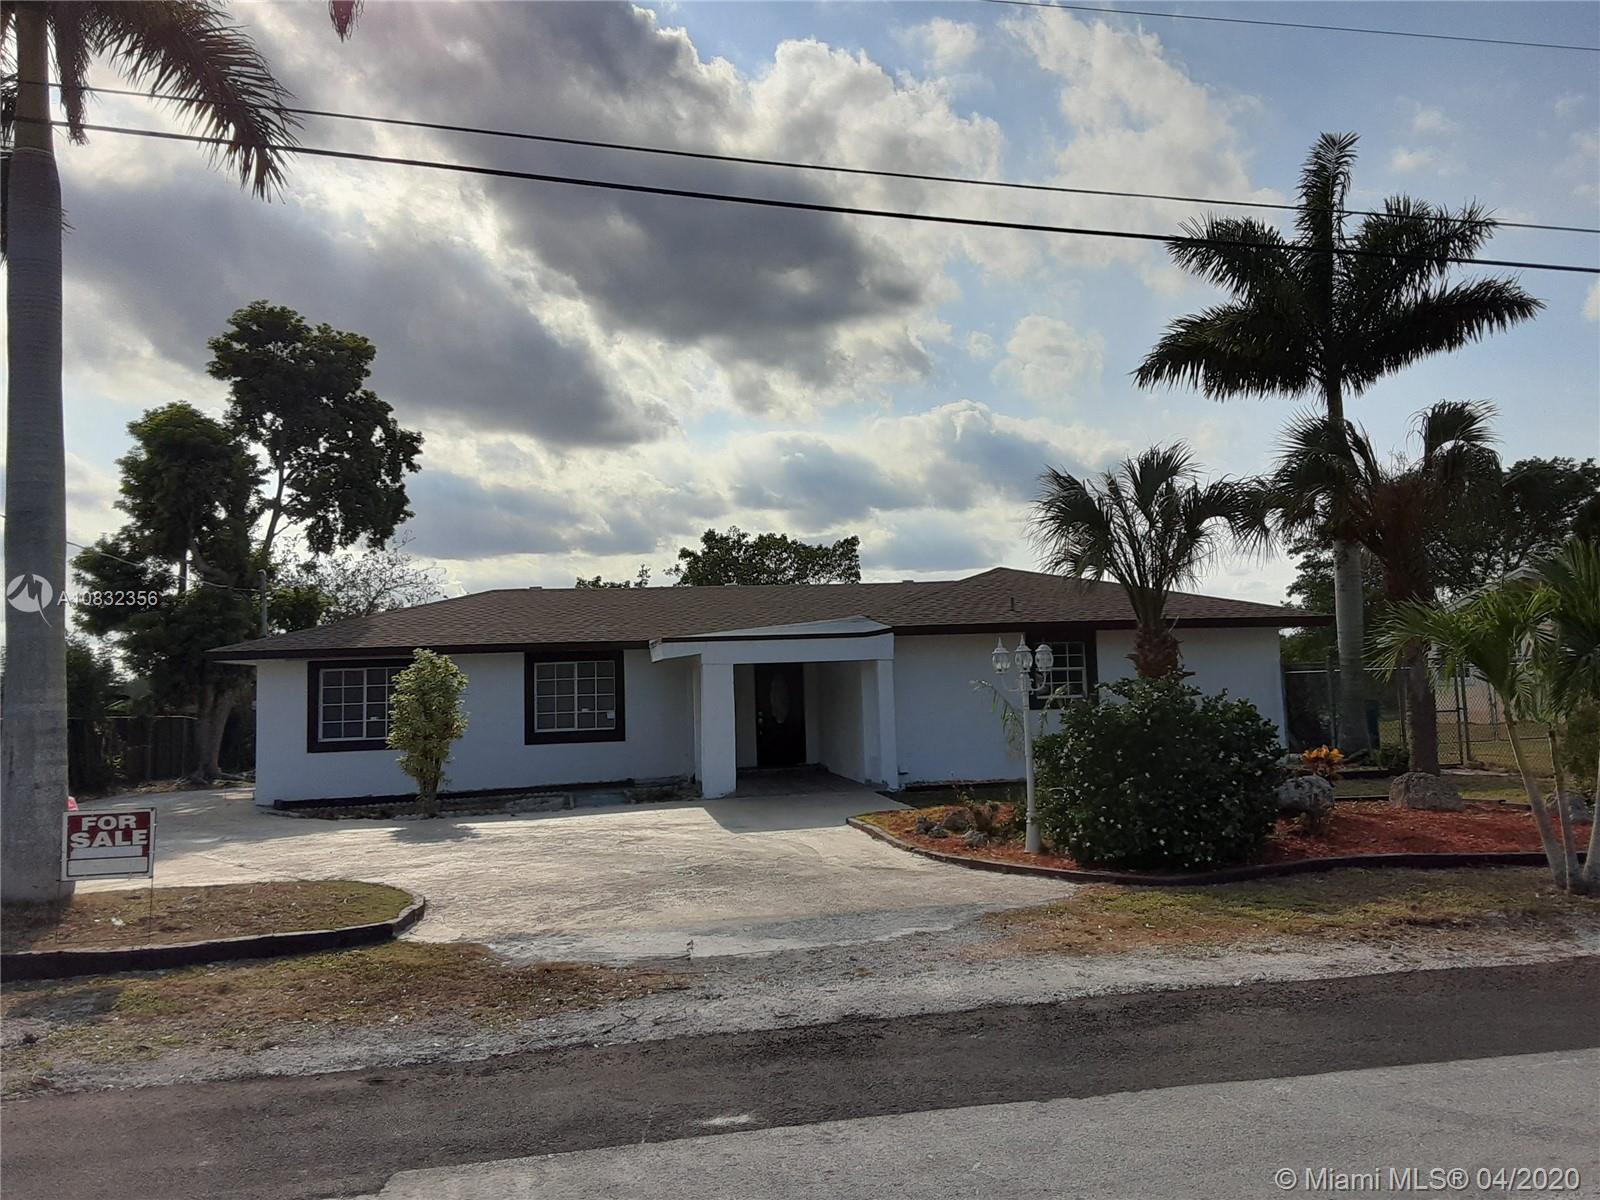 29400 Louisiana Rd Property Photo